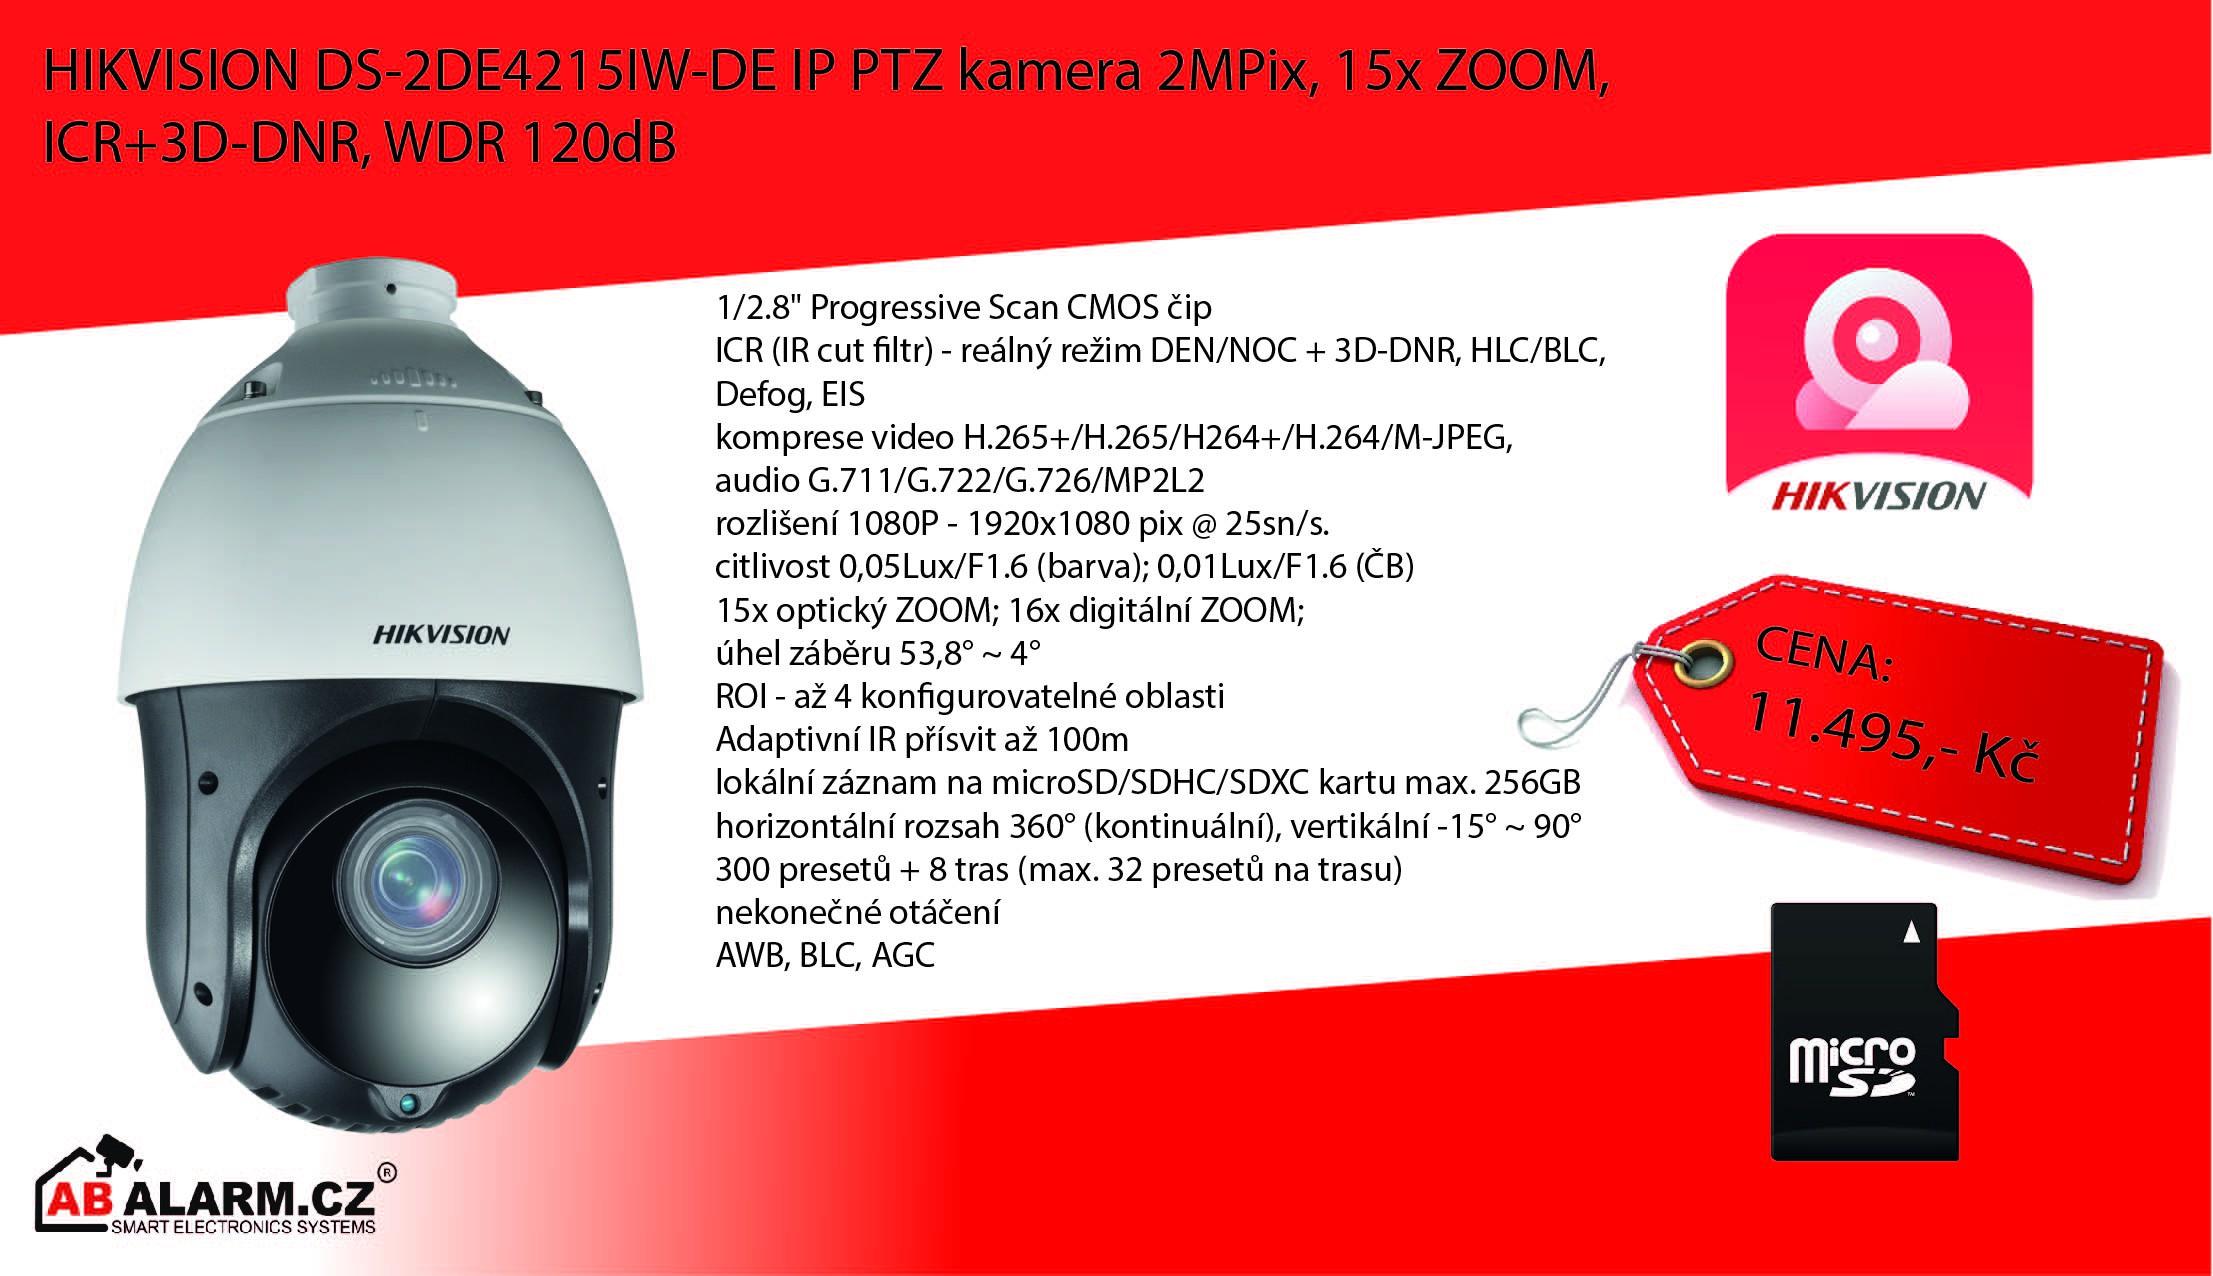 HIKVISION DS-2DE4215IW-DE IP PTZ kamera 2MPix, 15x ZOOM, ICR+3D-DNR, WDR 120dB